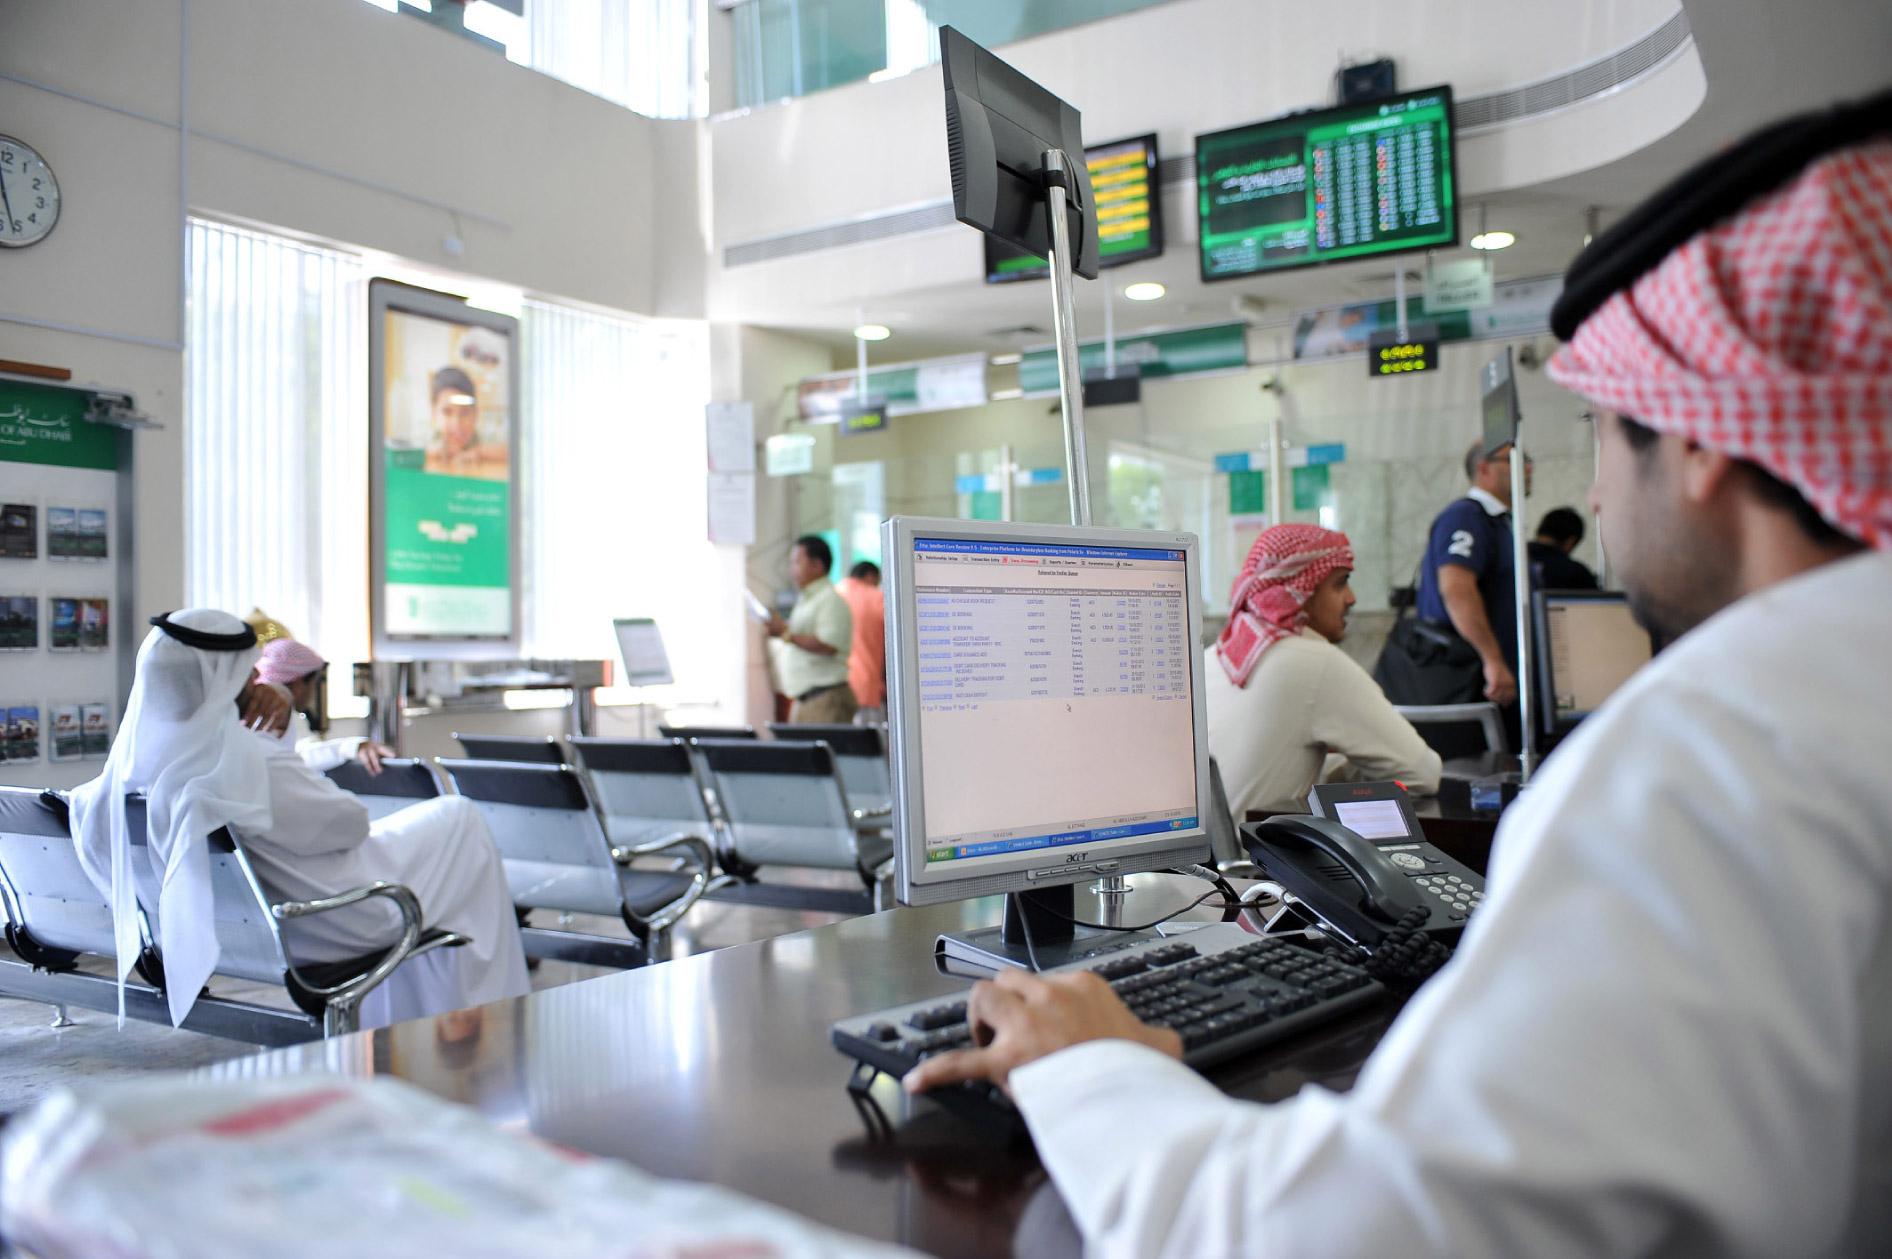 الملاءة المالية لمصارف الإمارات تجعلها تتفادى مخاطر الاقتصاد العالمي